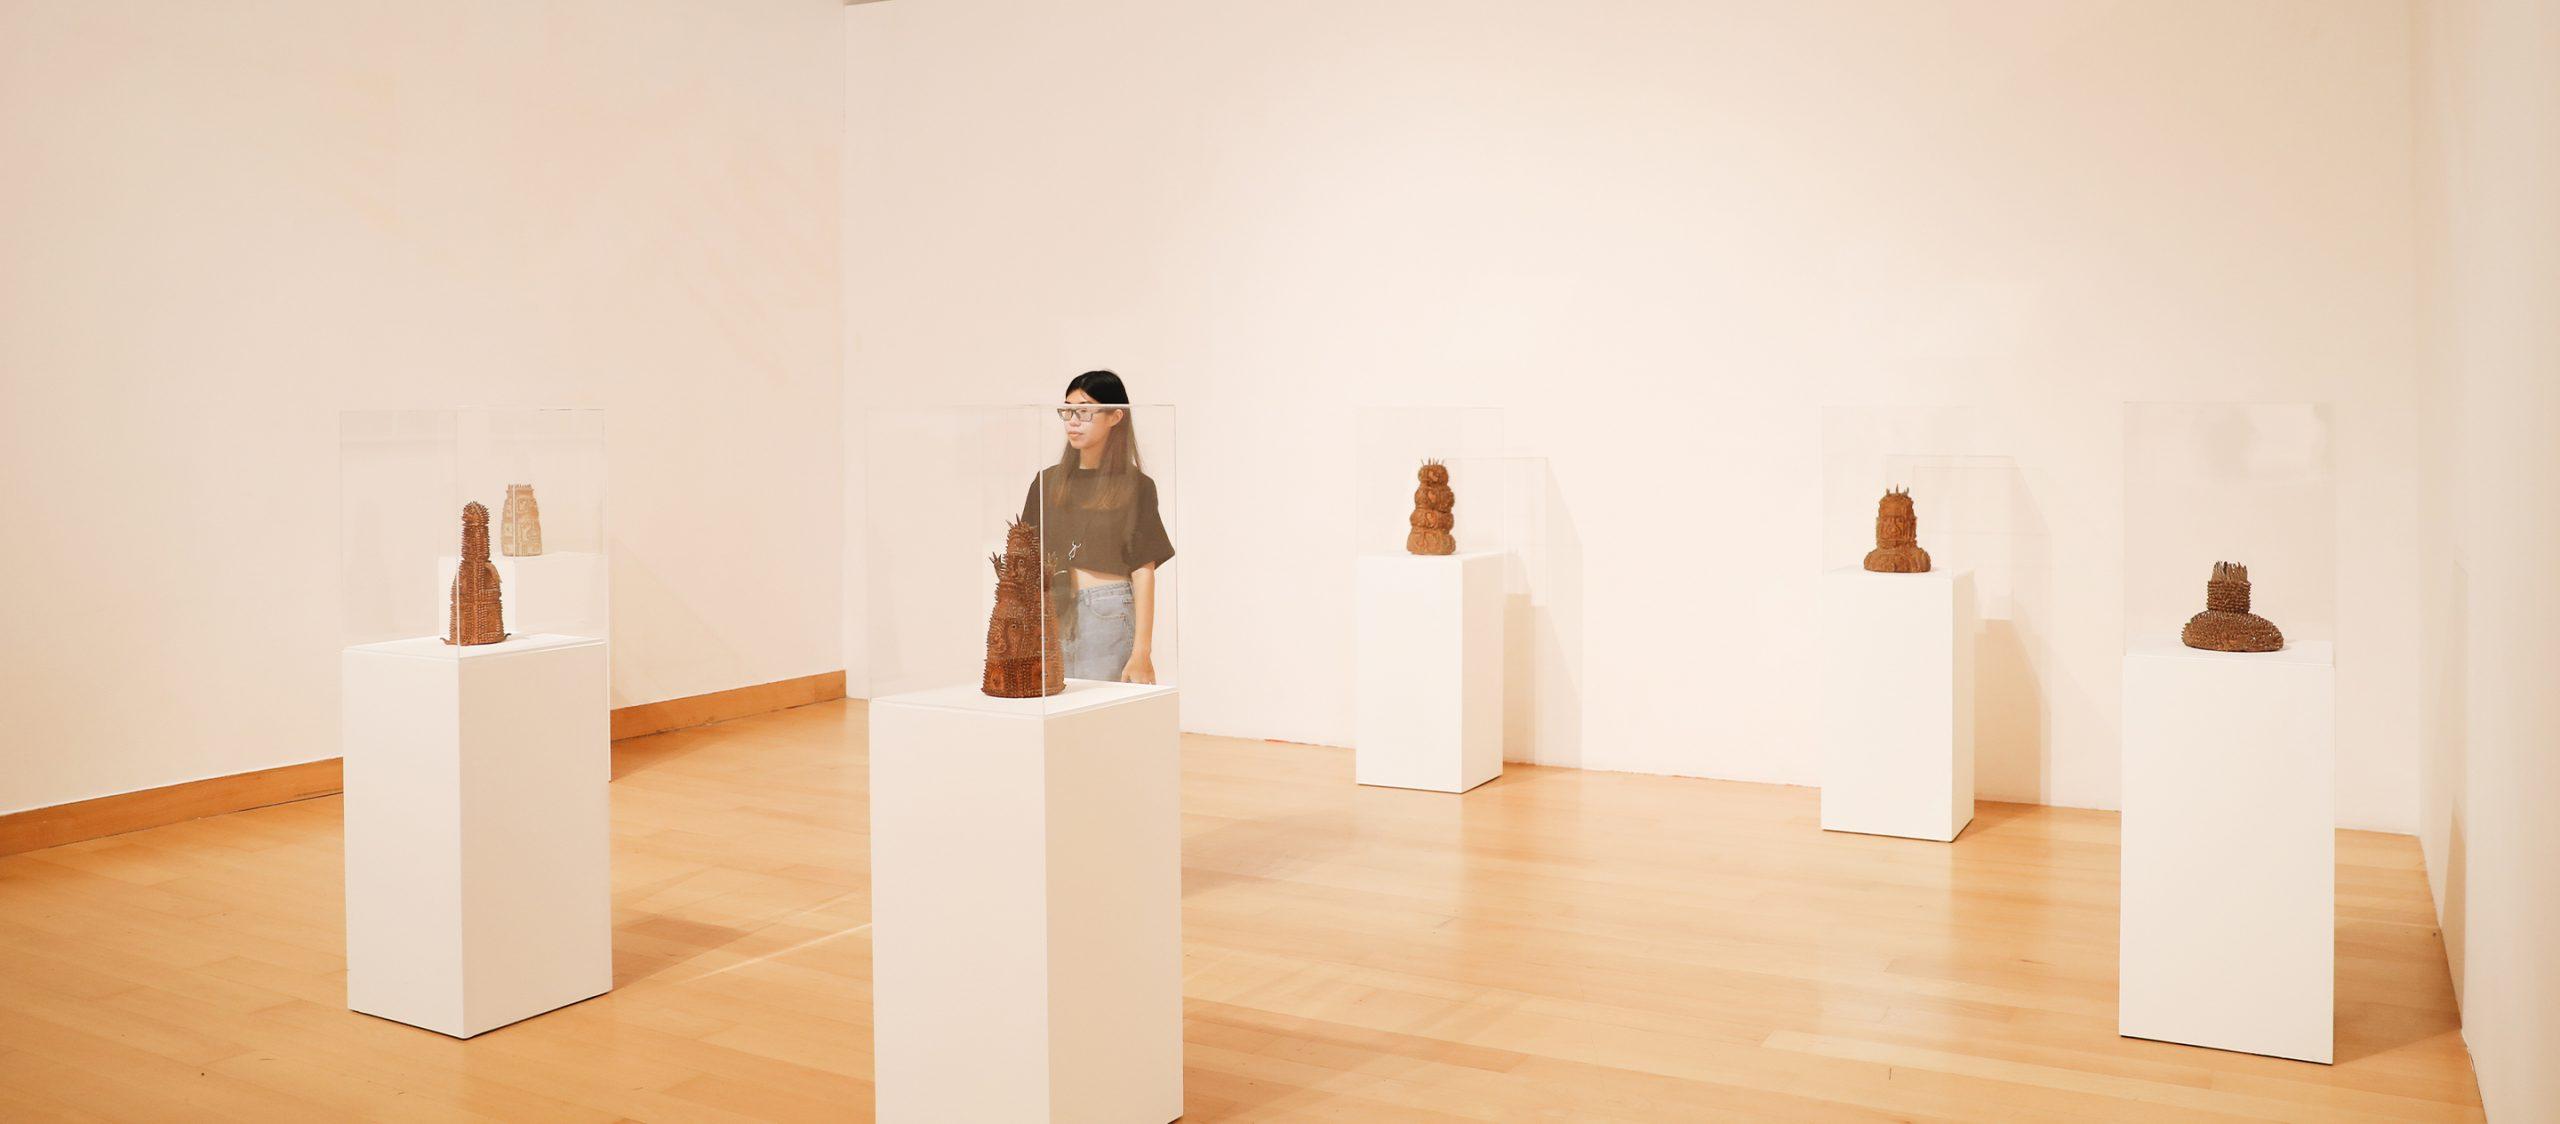 ตามไปดูศิลปะของคนนอกโลกศิลปะ กับสองภัณฑารักษ์แห่งนิทรรศการ 'ความงามนิรนาม'